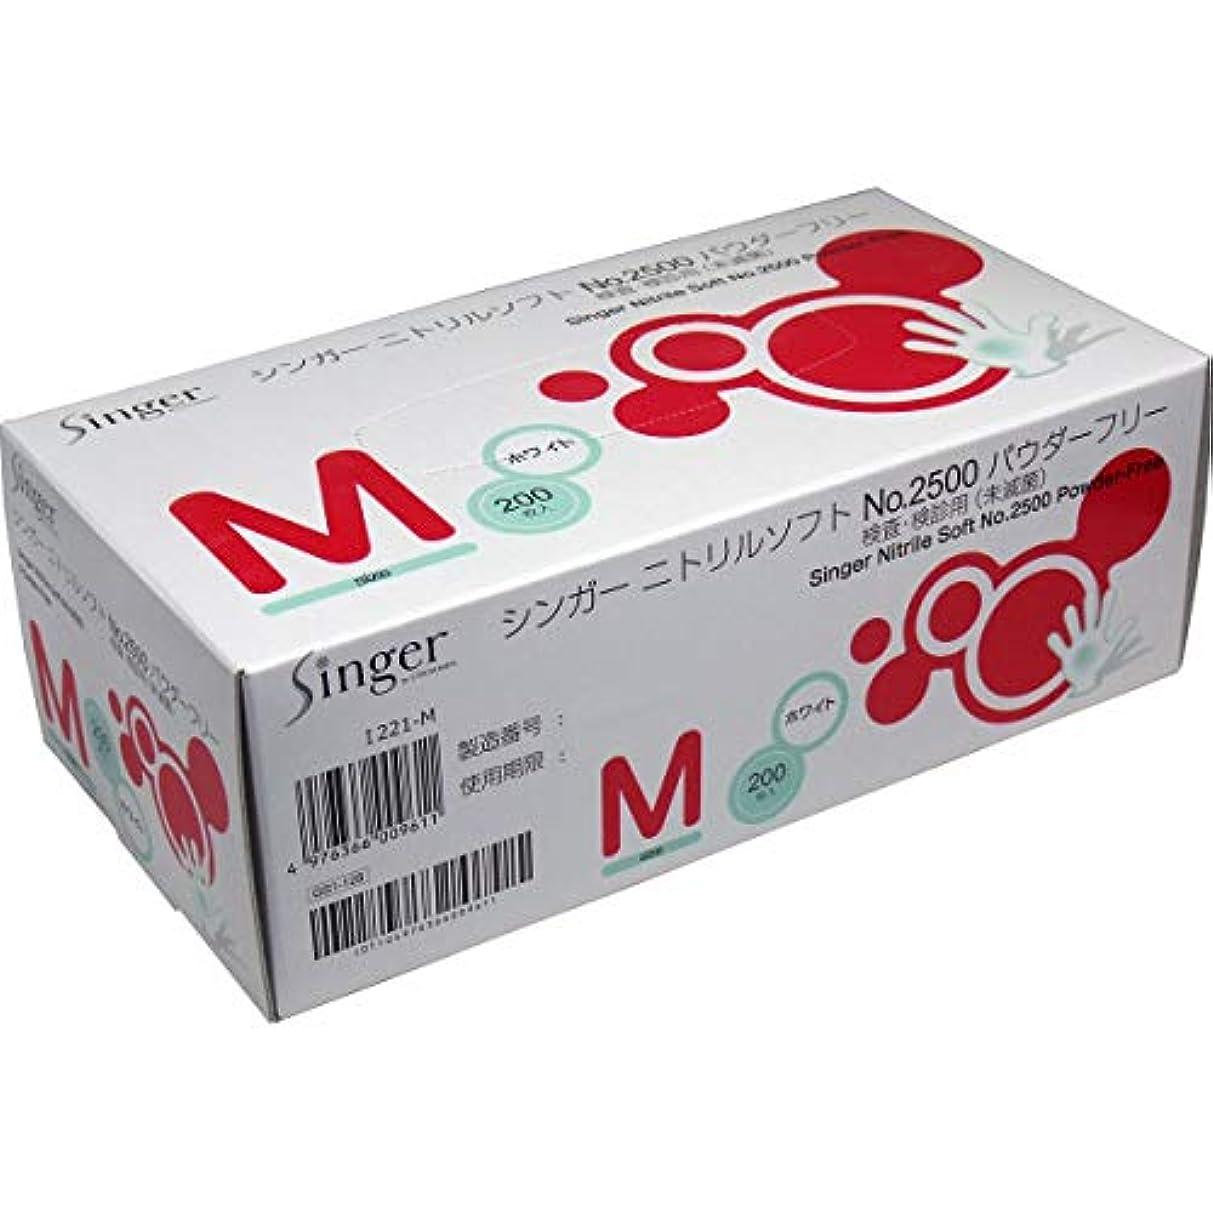 予感活力幻滅シンガーニトリルソフト No.2500 パウダーフリー ホワイト Mサイズ 200枚入×2個セット